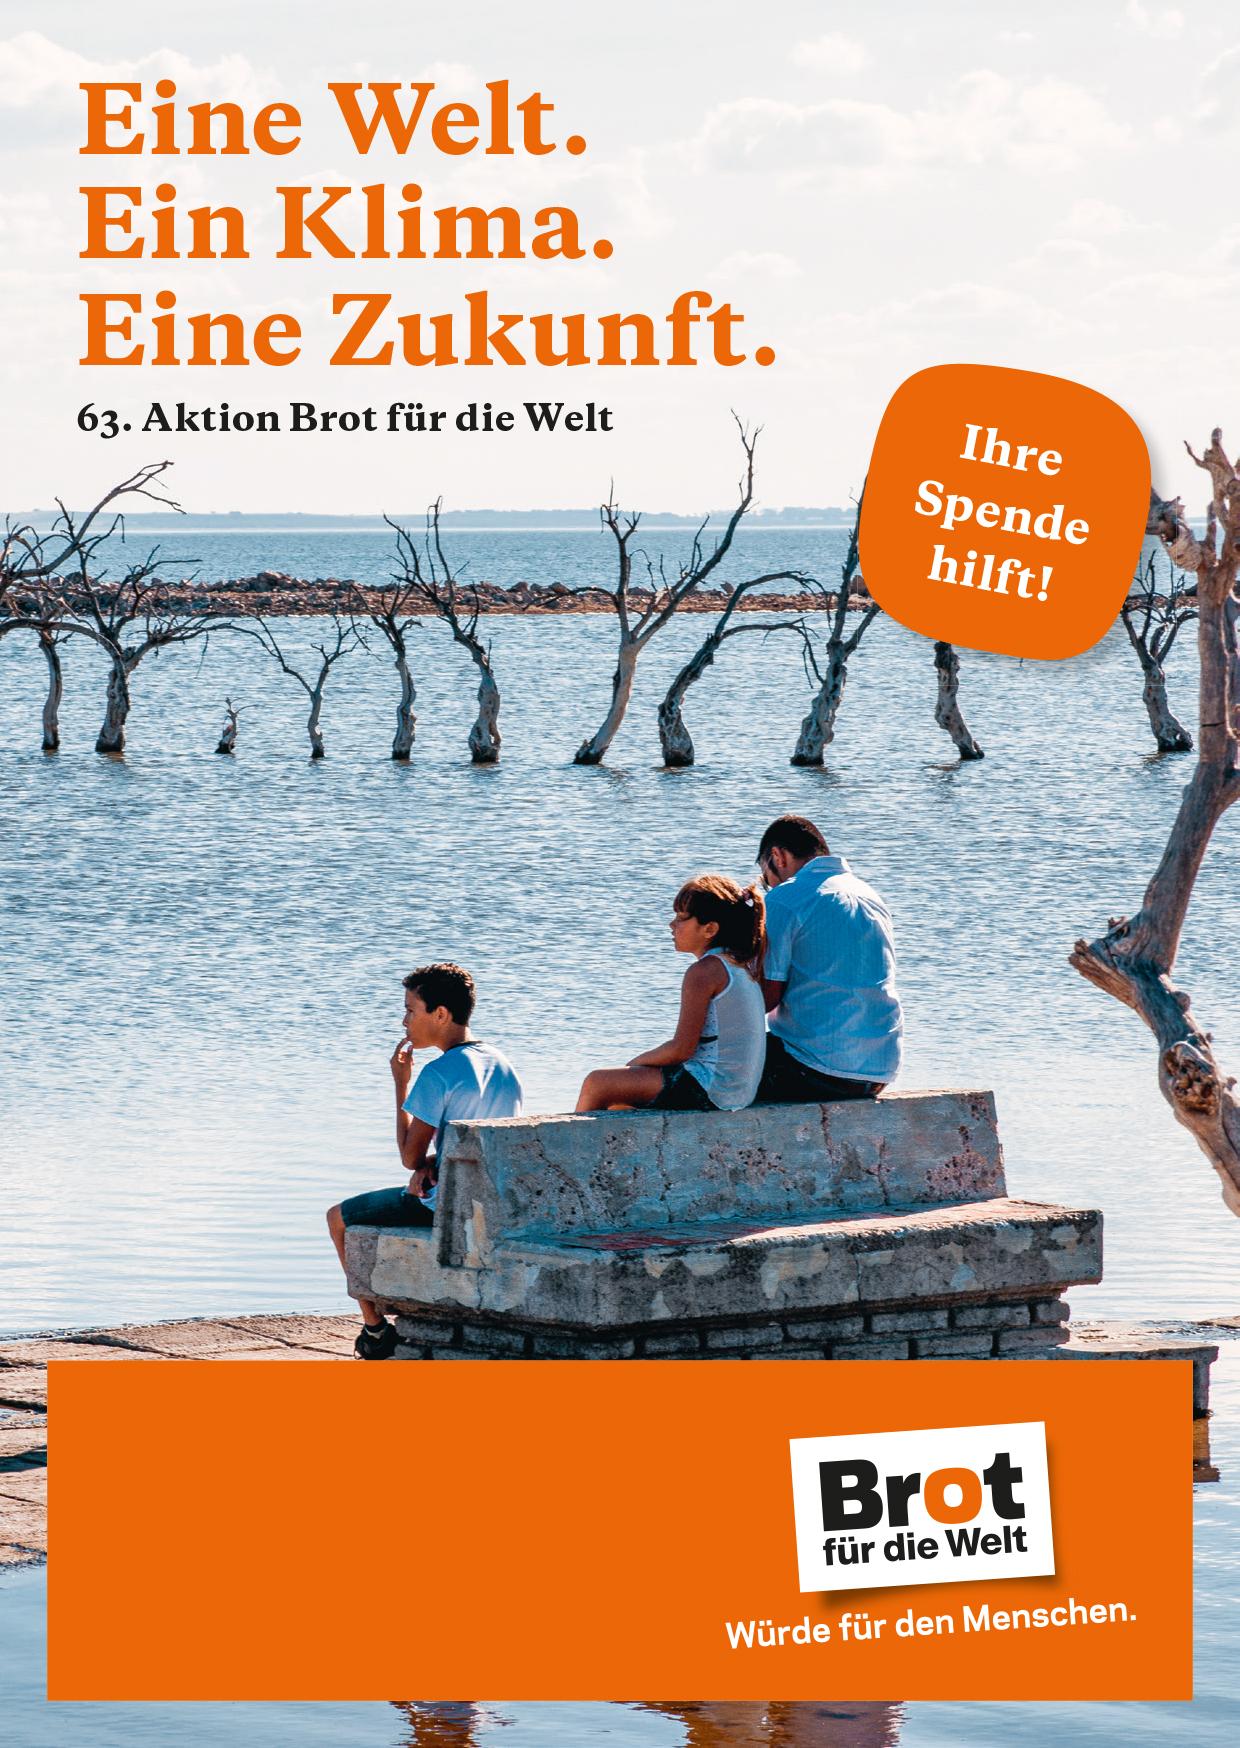 Aktionsfaltblatt Eine Welt. Ein Klima. Eine Zukunft. - 63. Aktion (Einzelexemplar)